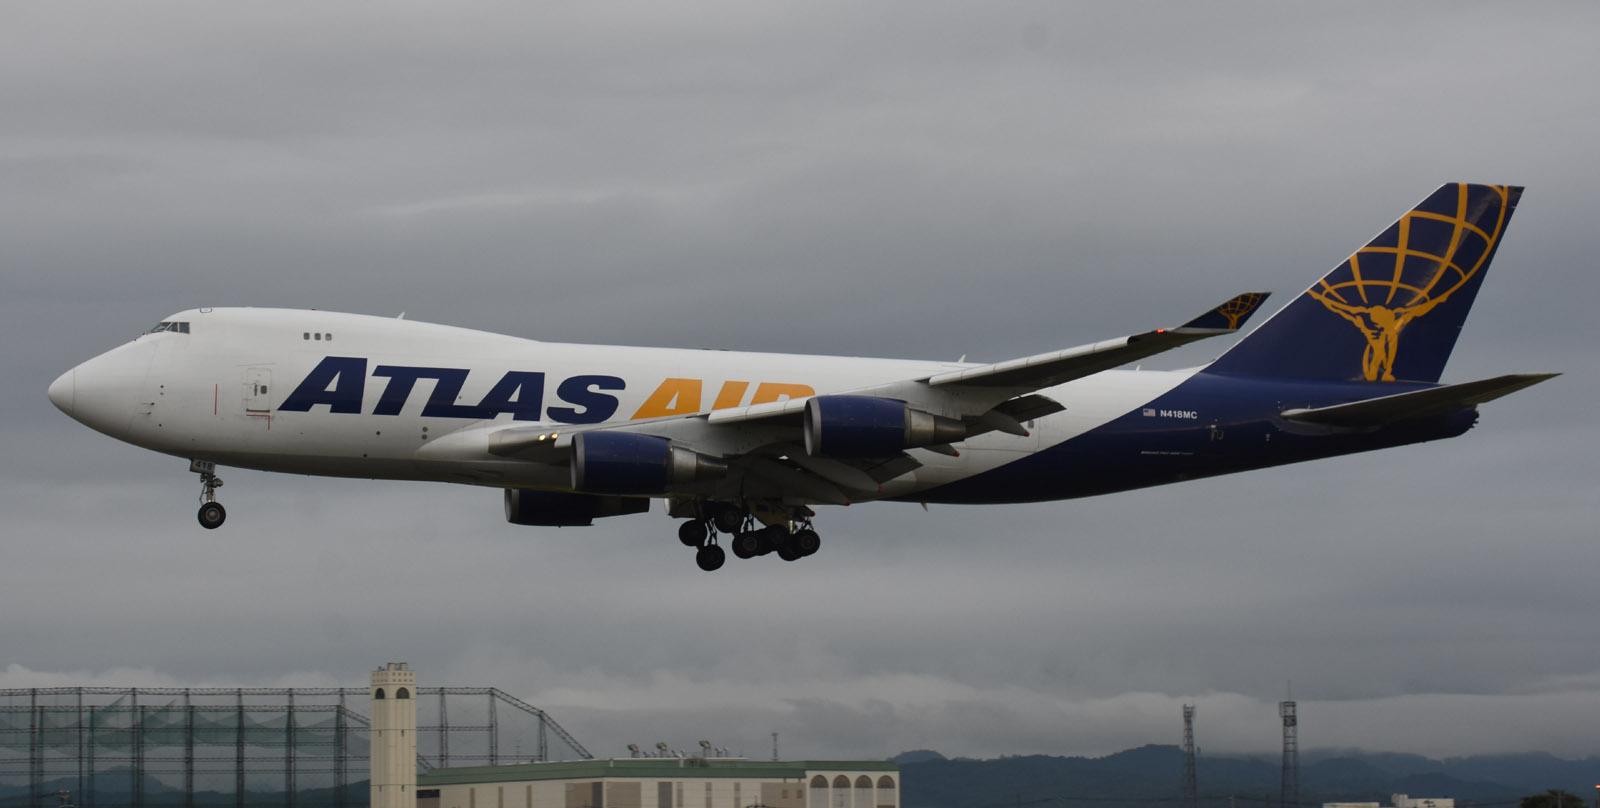 Atlas180614g931